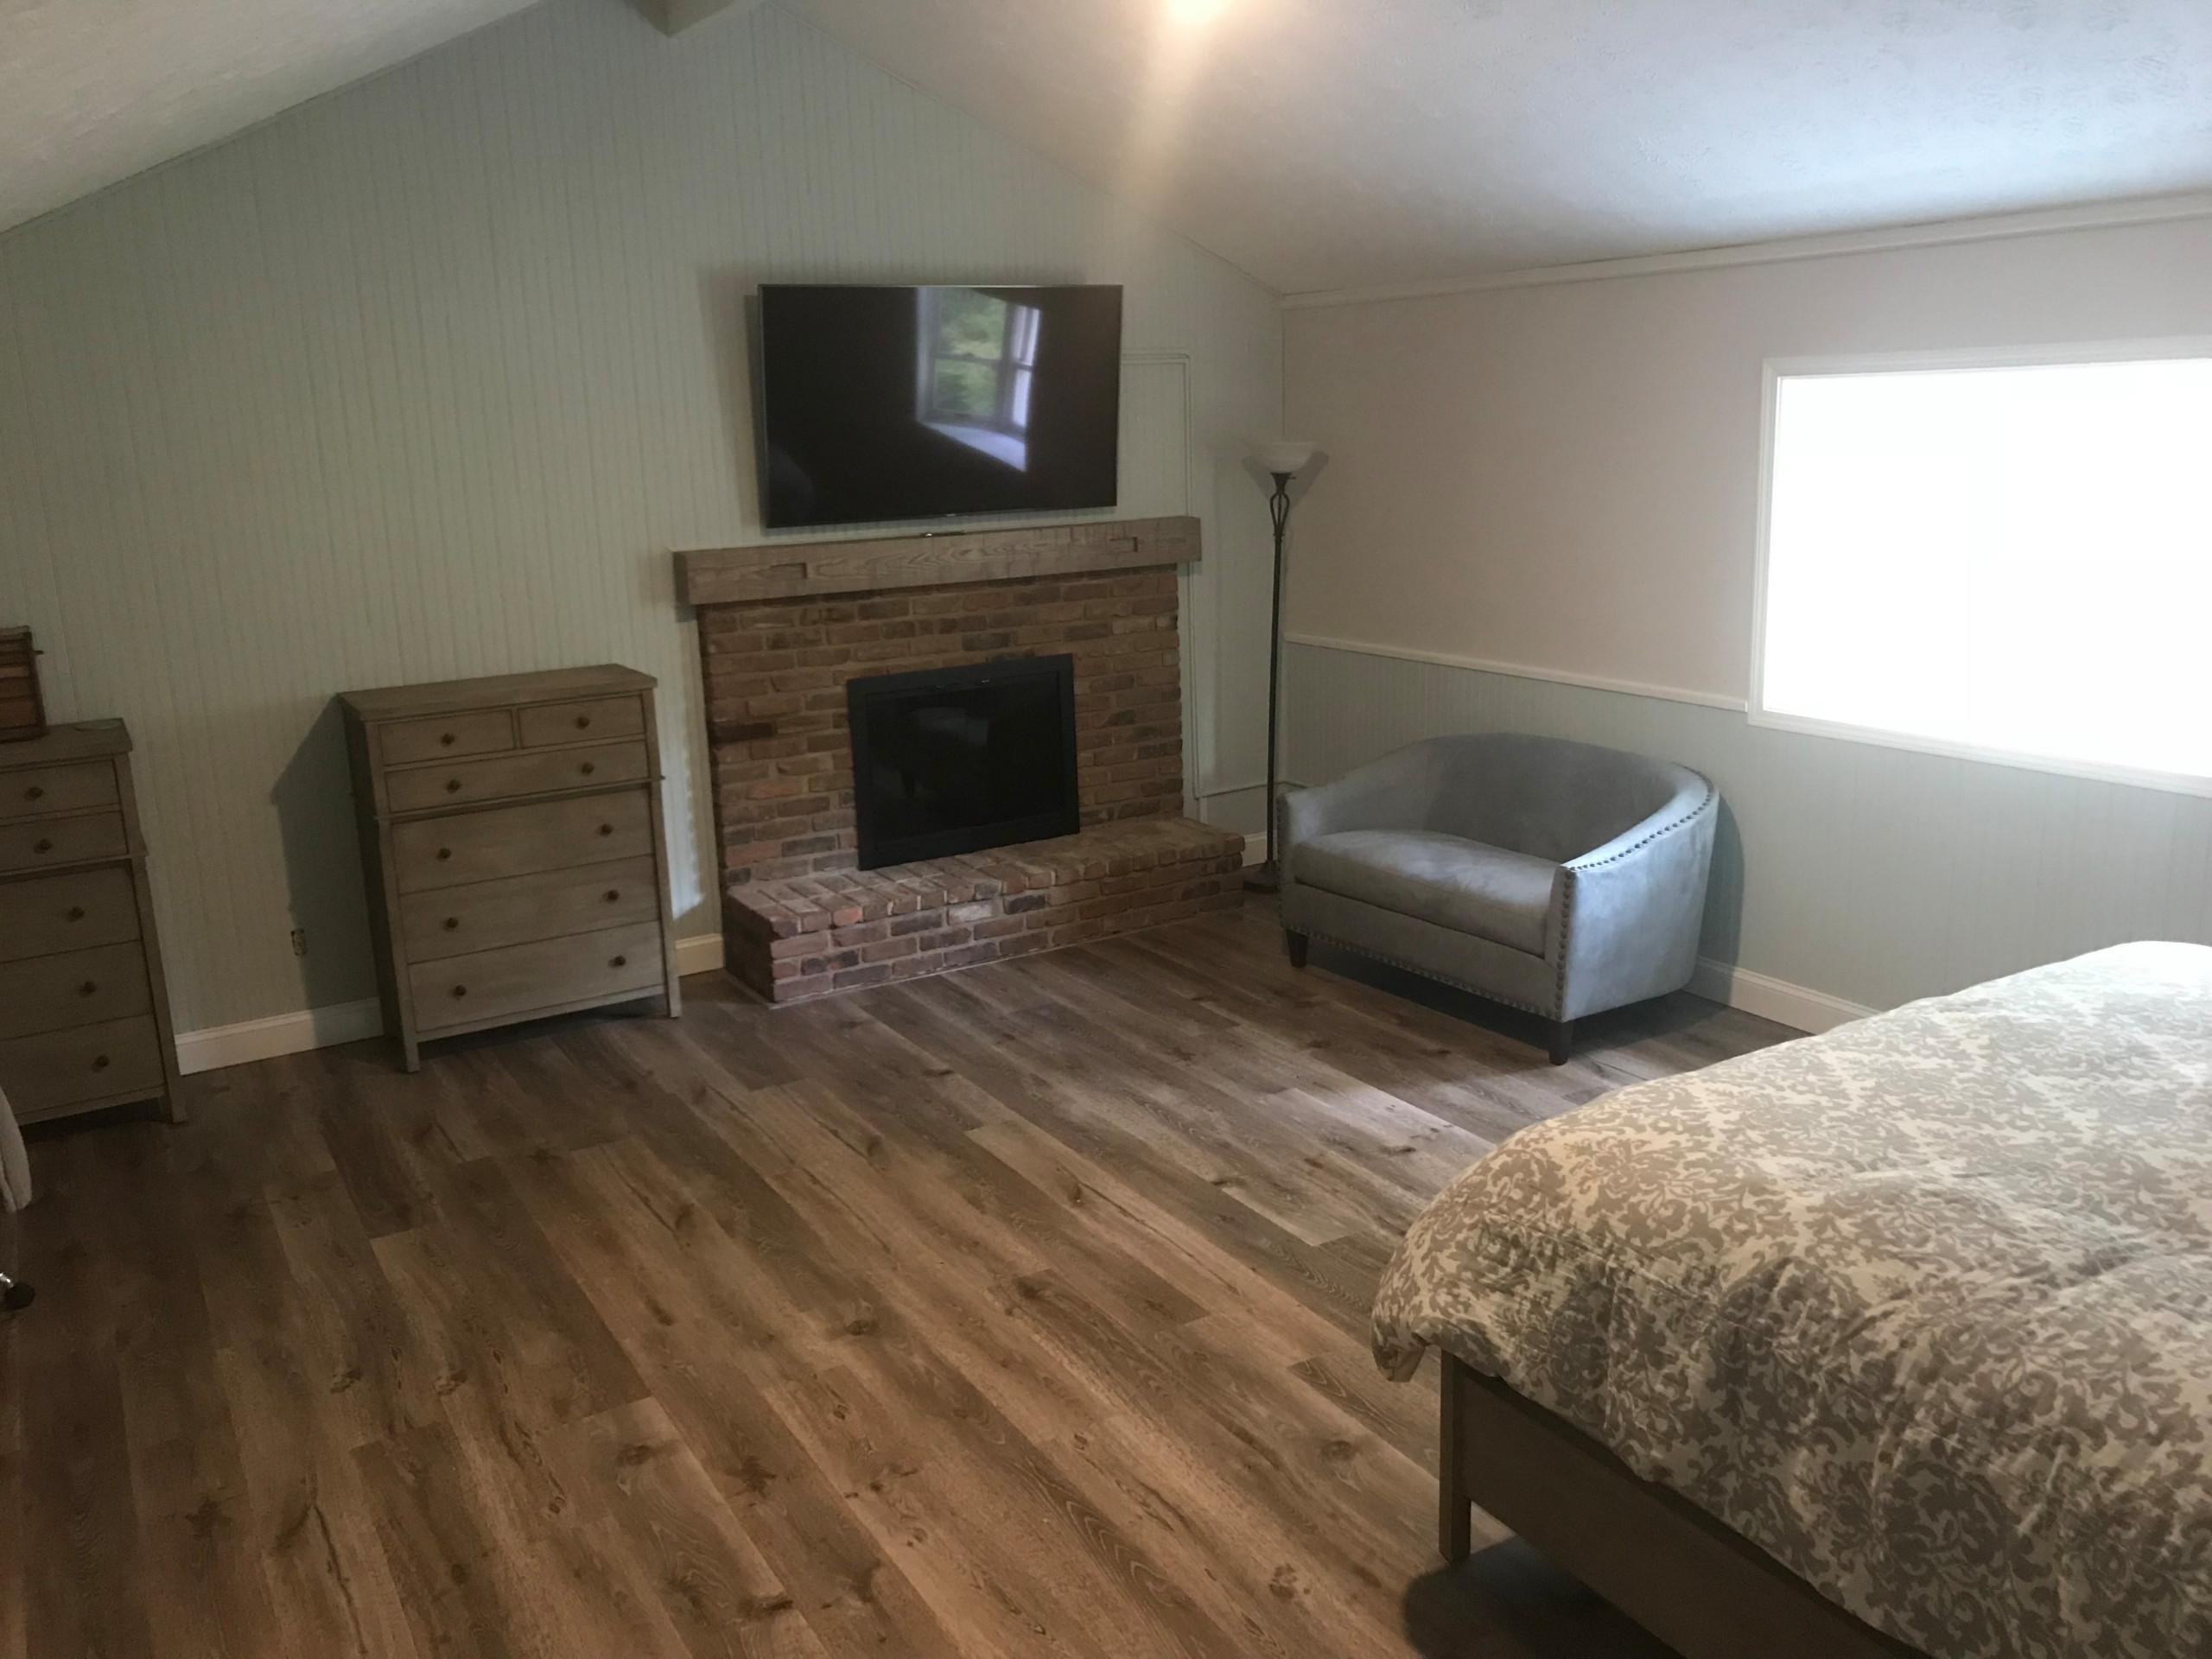 Bedroom & Entry Design